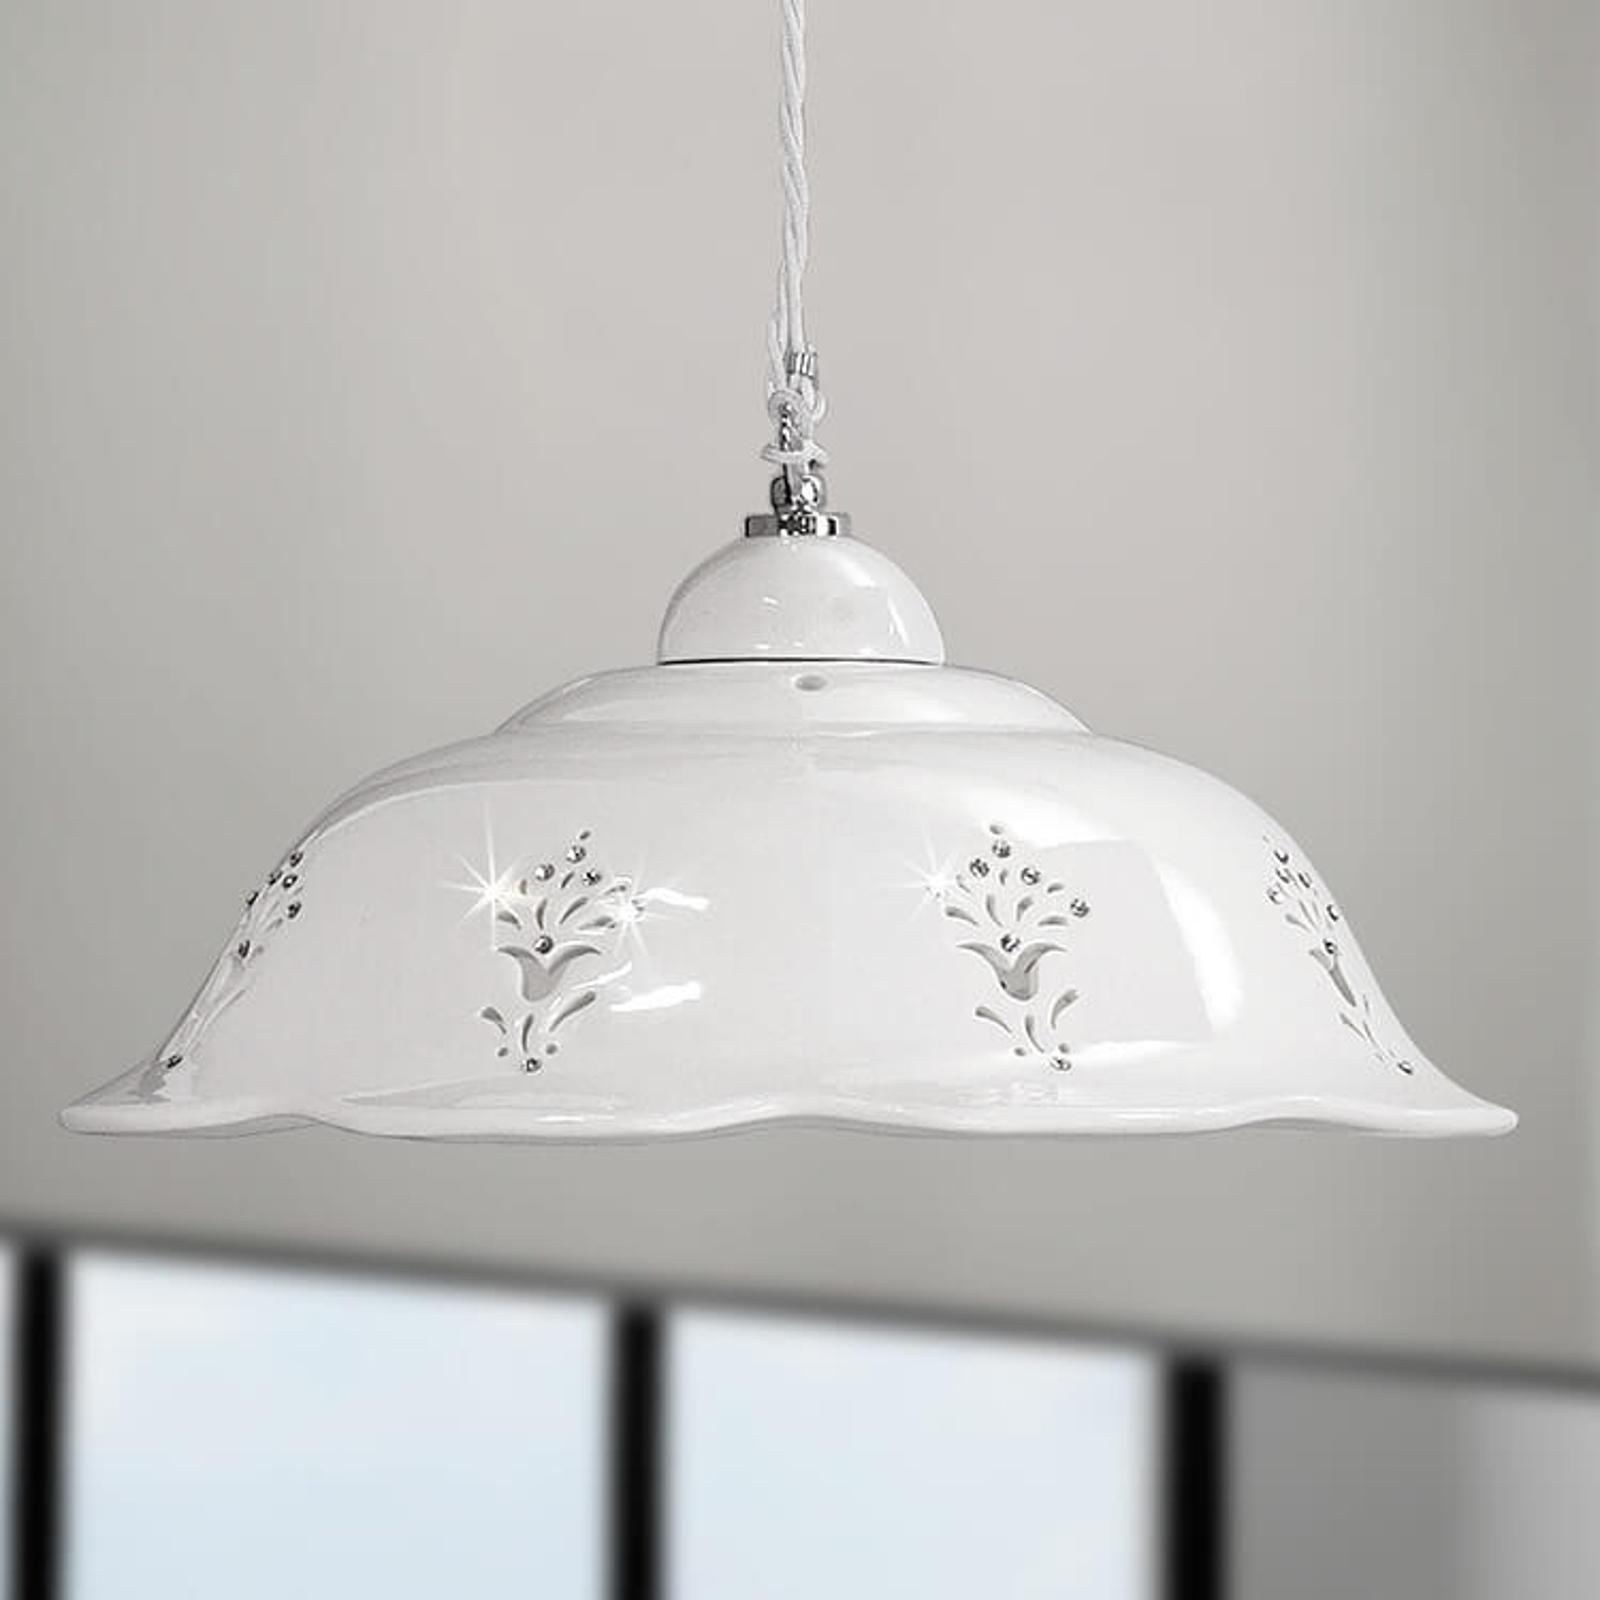 Závesná lampa Guiliano s keramickým tienidlom_2013145_1